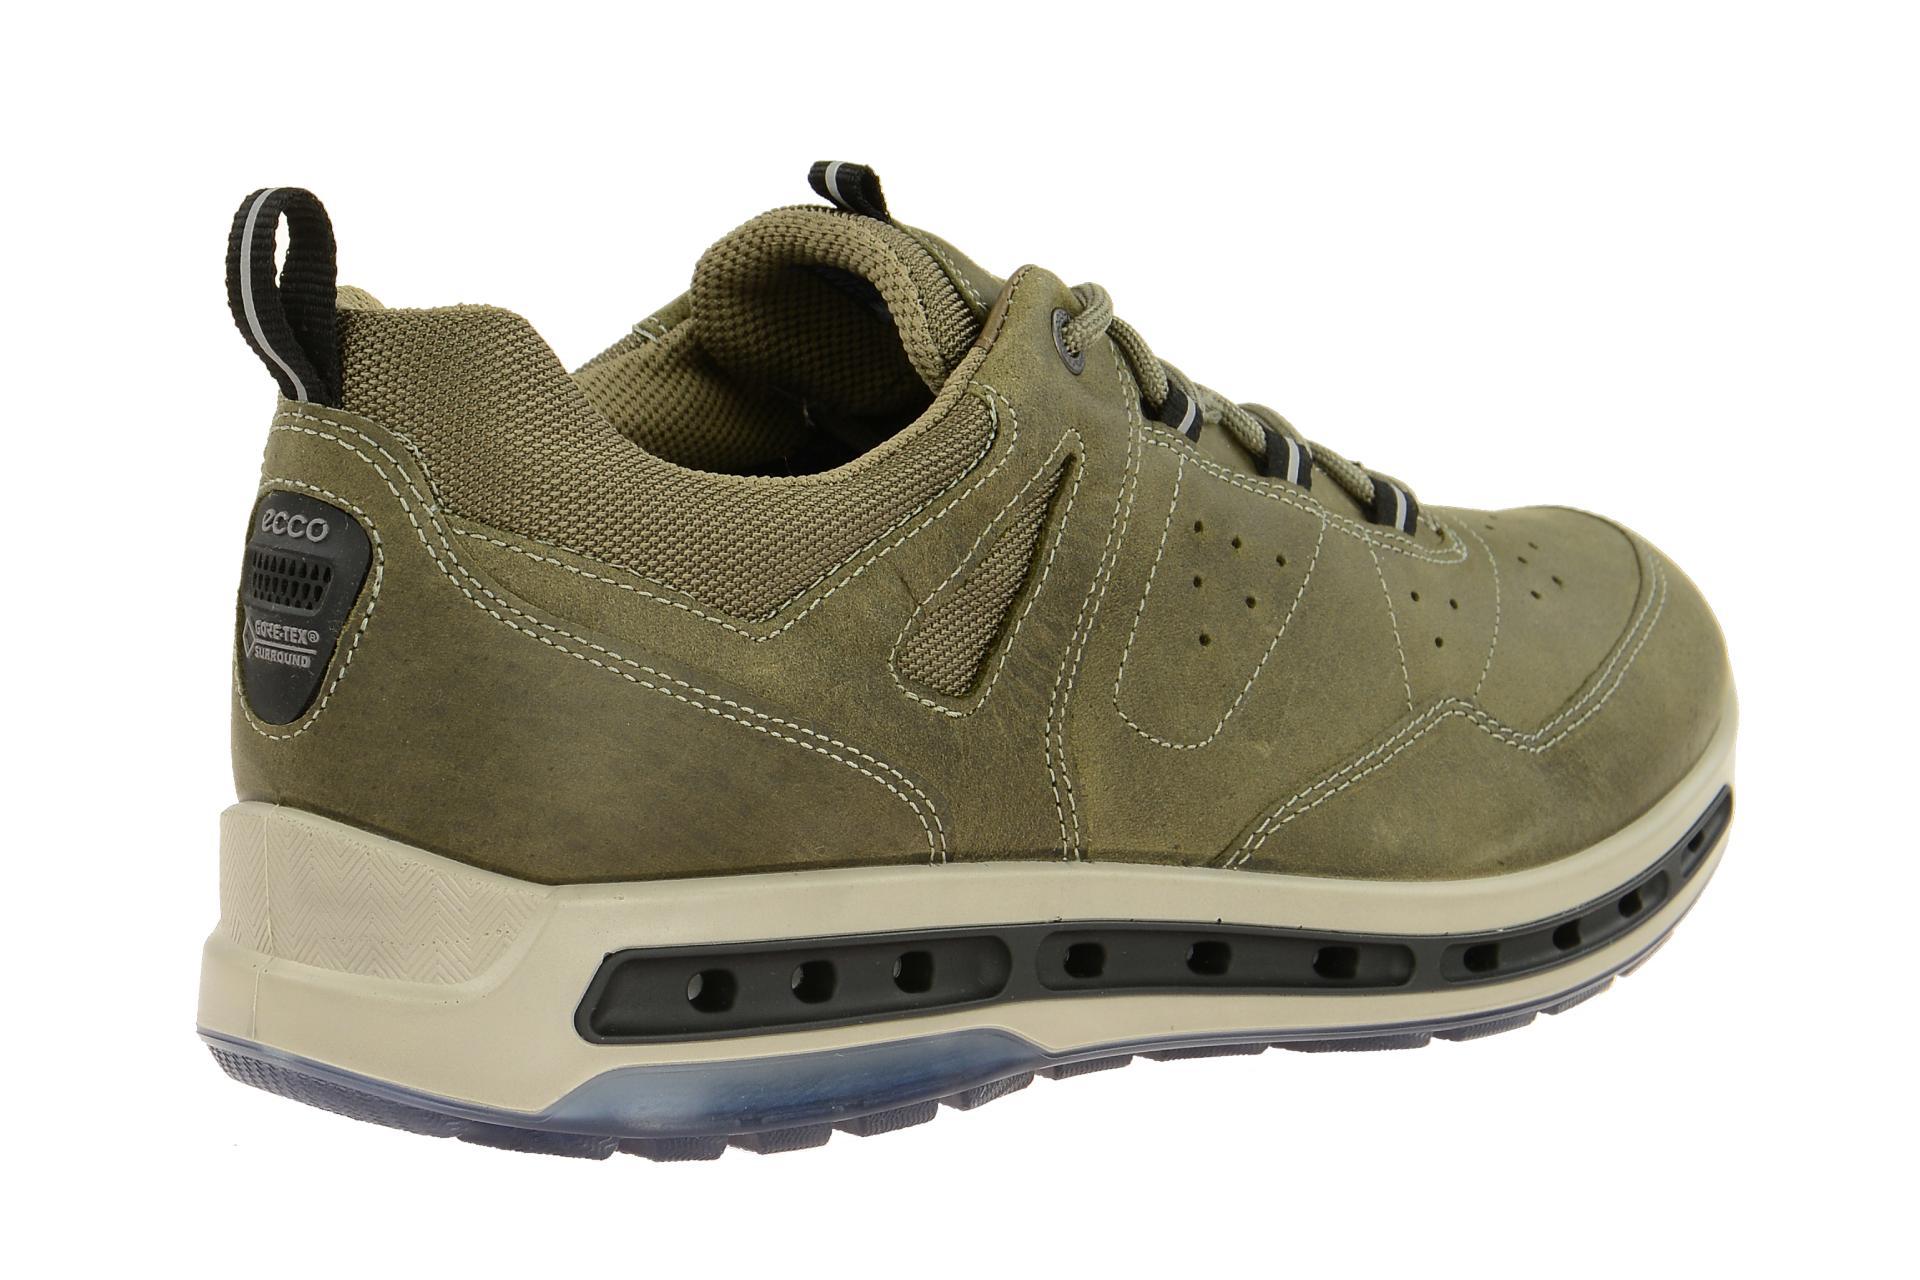 hot sale online 85062 7b1e9 Details zu Ecco Schuhe COOL WALK grau Herrenschuhe sportliche Halbschuhe  83320402543 NEU